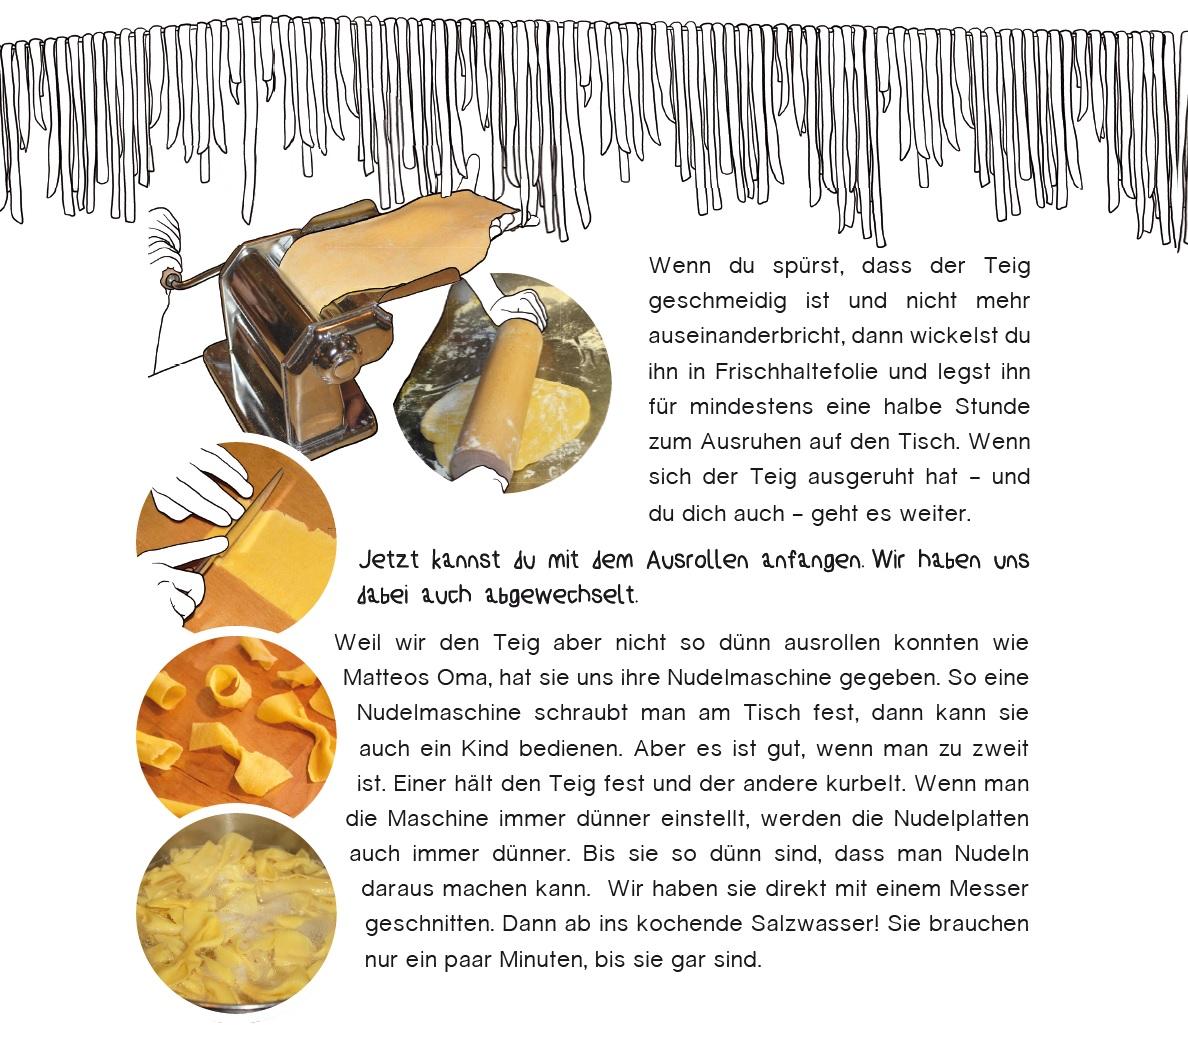 Nudelrezept aus Italien for kids für die ultimative Pasta